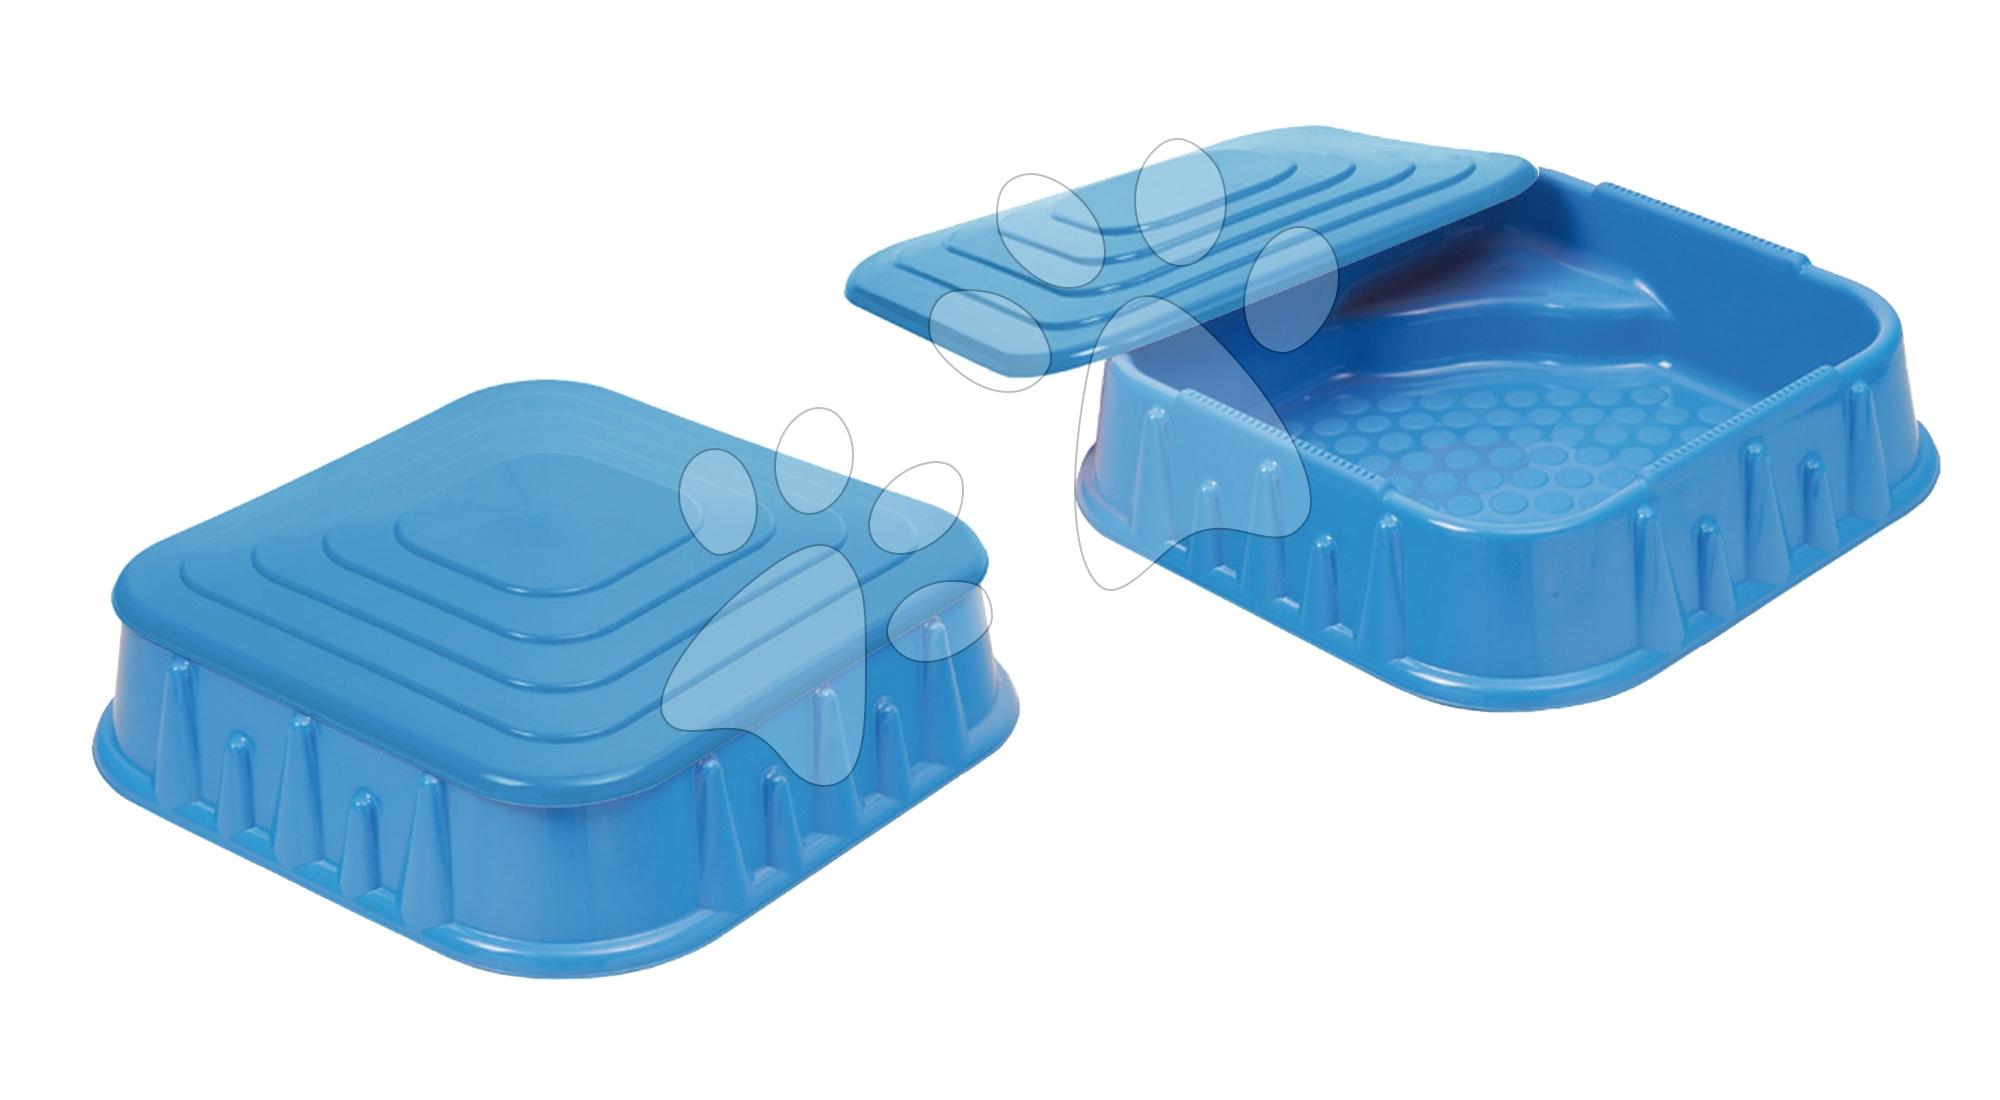 Pieskoviská pre deti - Pieskovisko Starplast štvorec s krytom objem 60 litrov modré od 24 mes